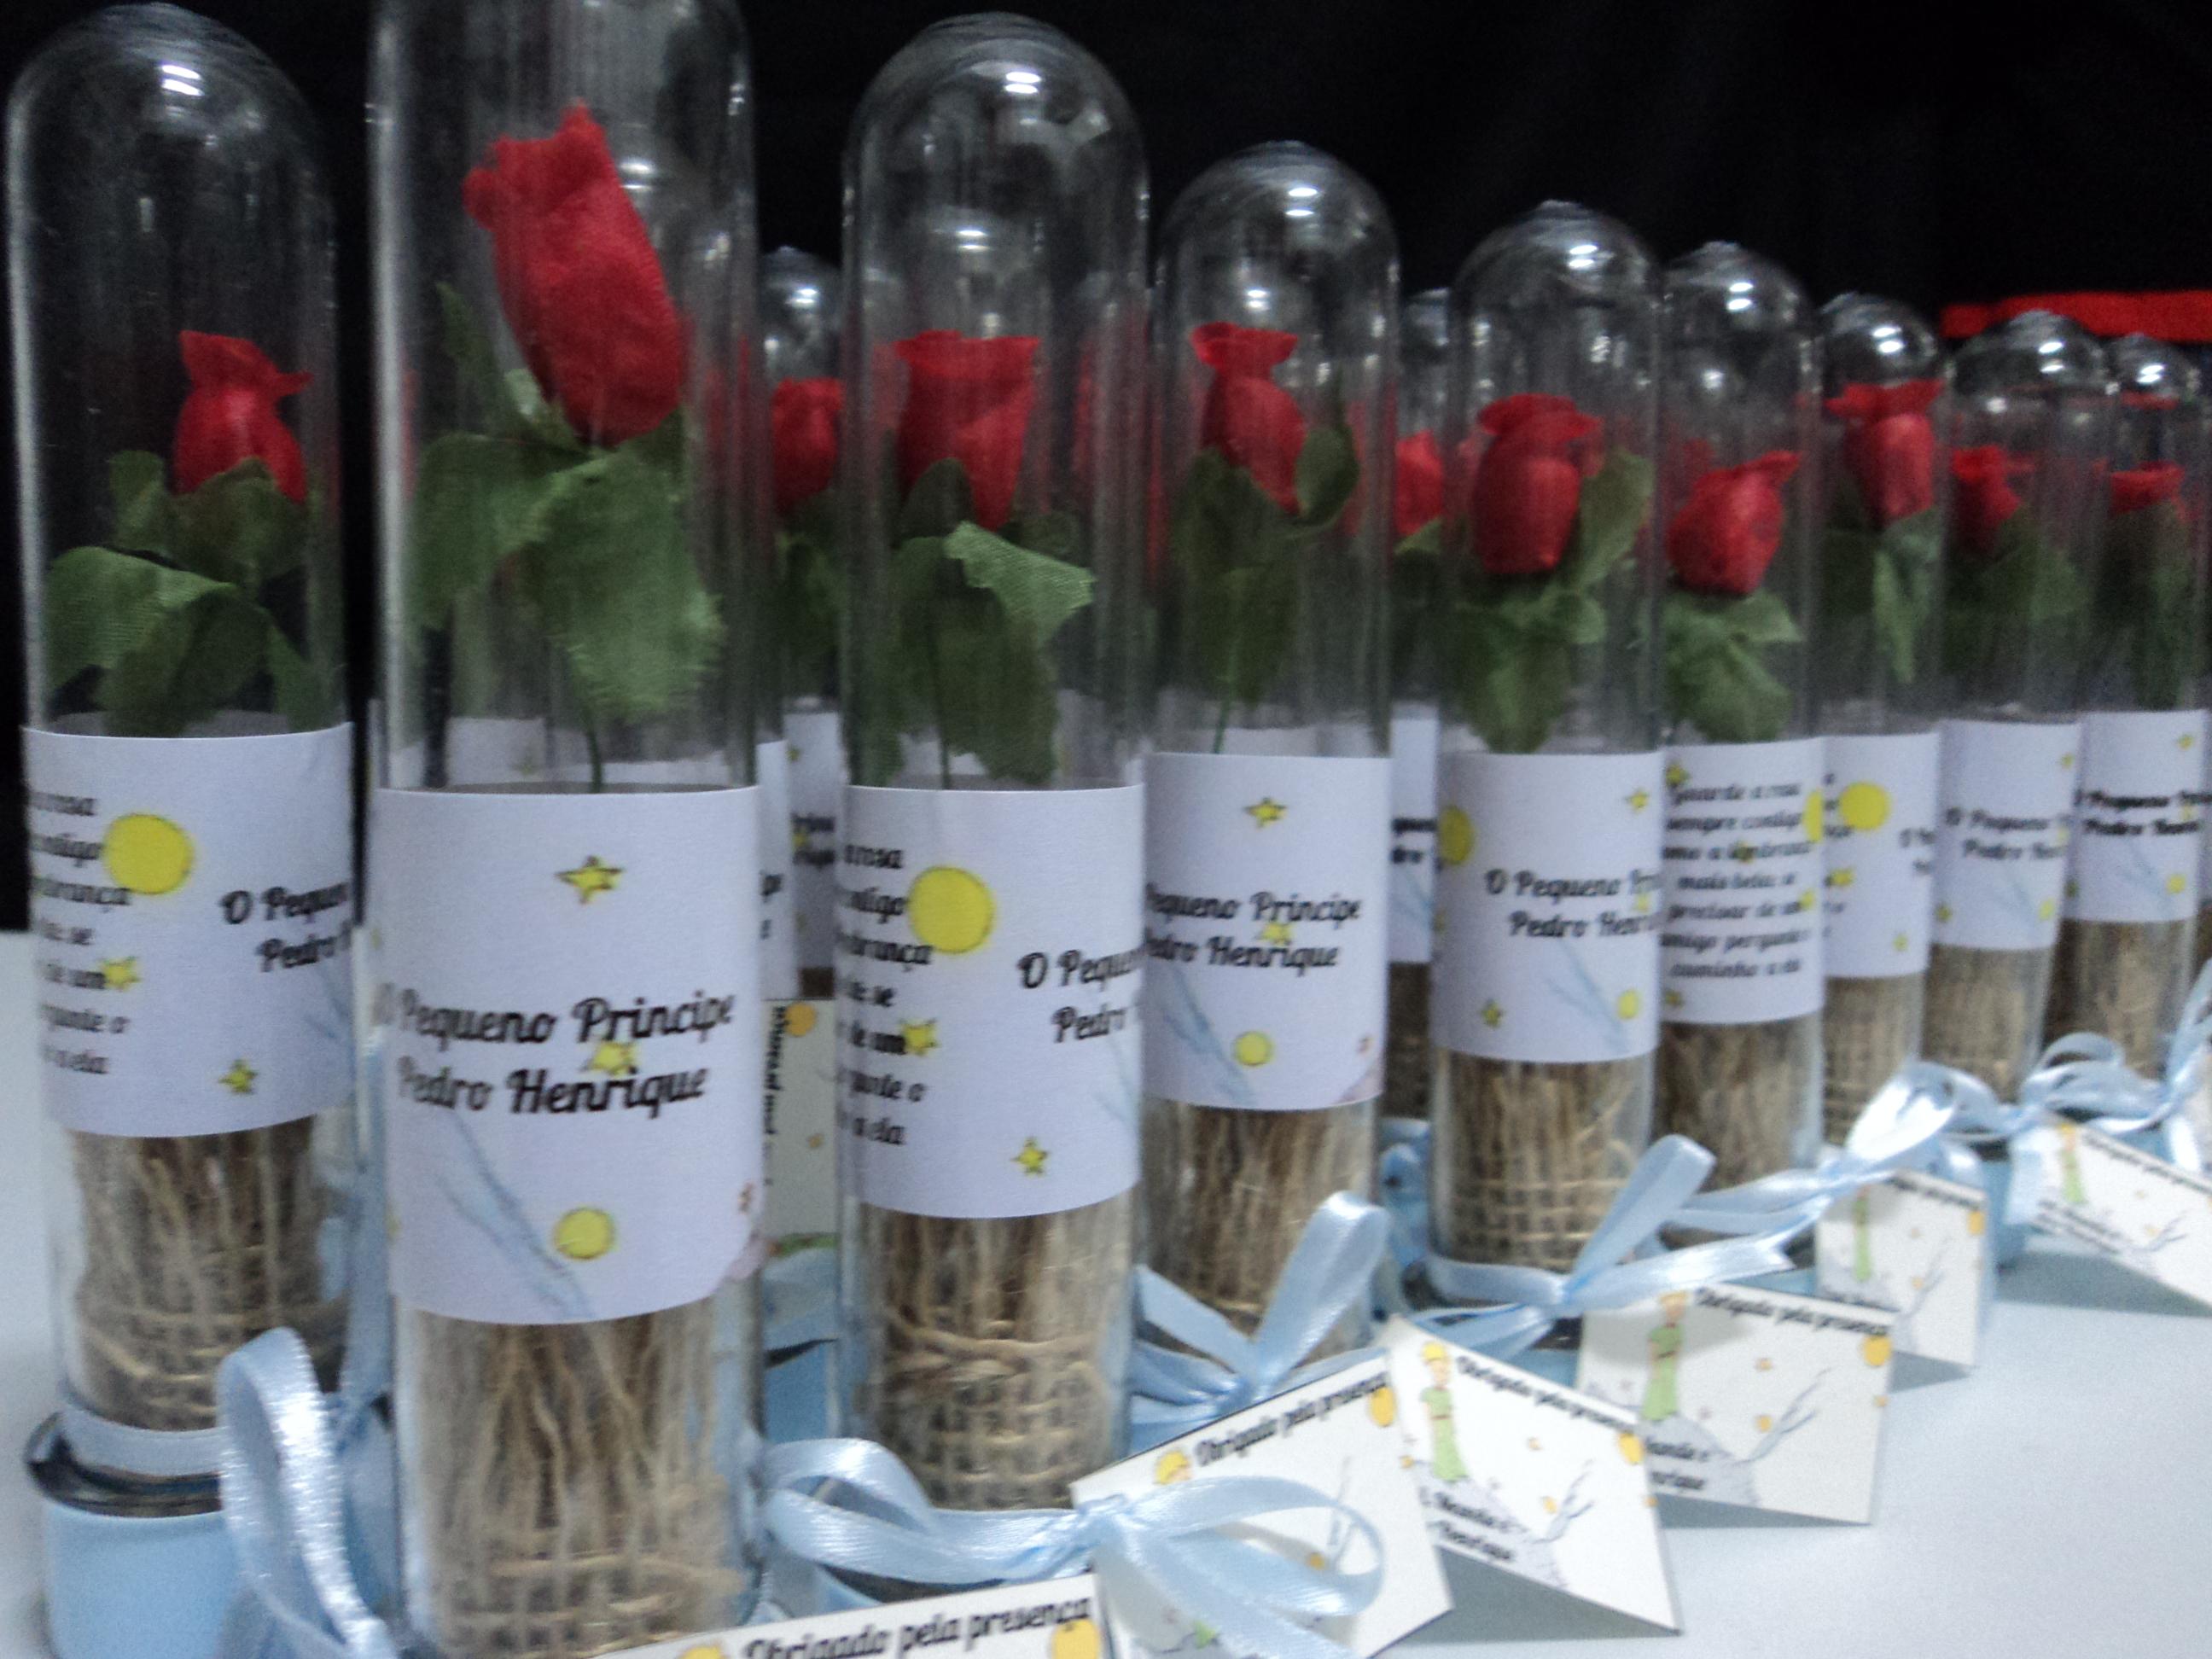 Rosa Do Pequeno Principe No Elo7 Festa Das Lembrancinhas 3f2390